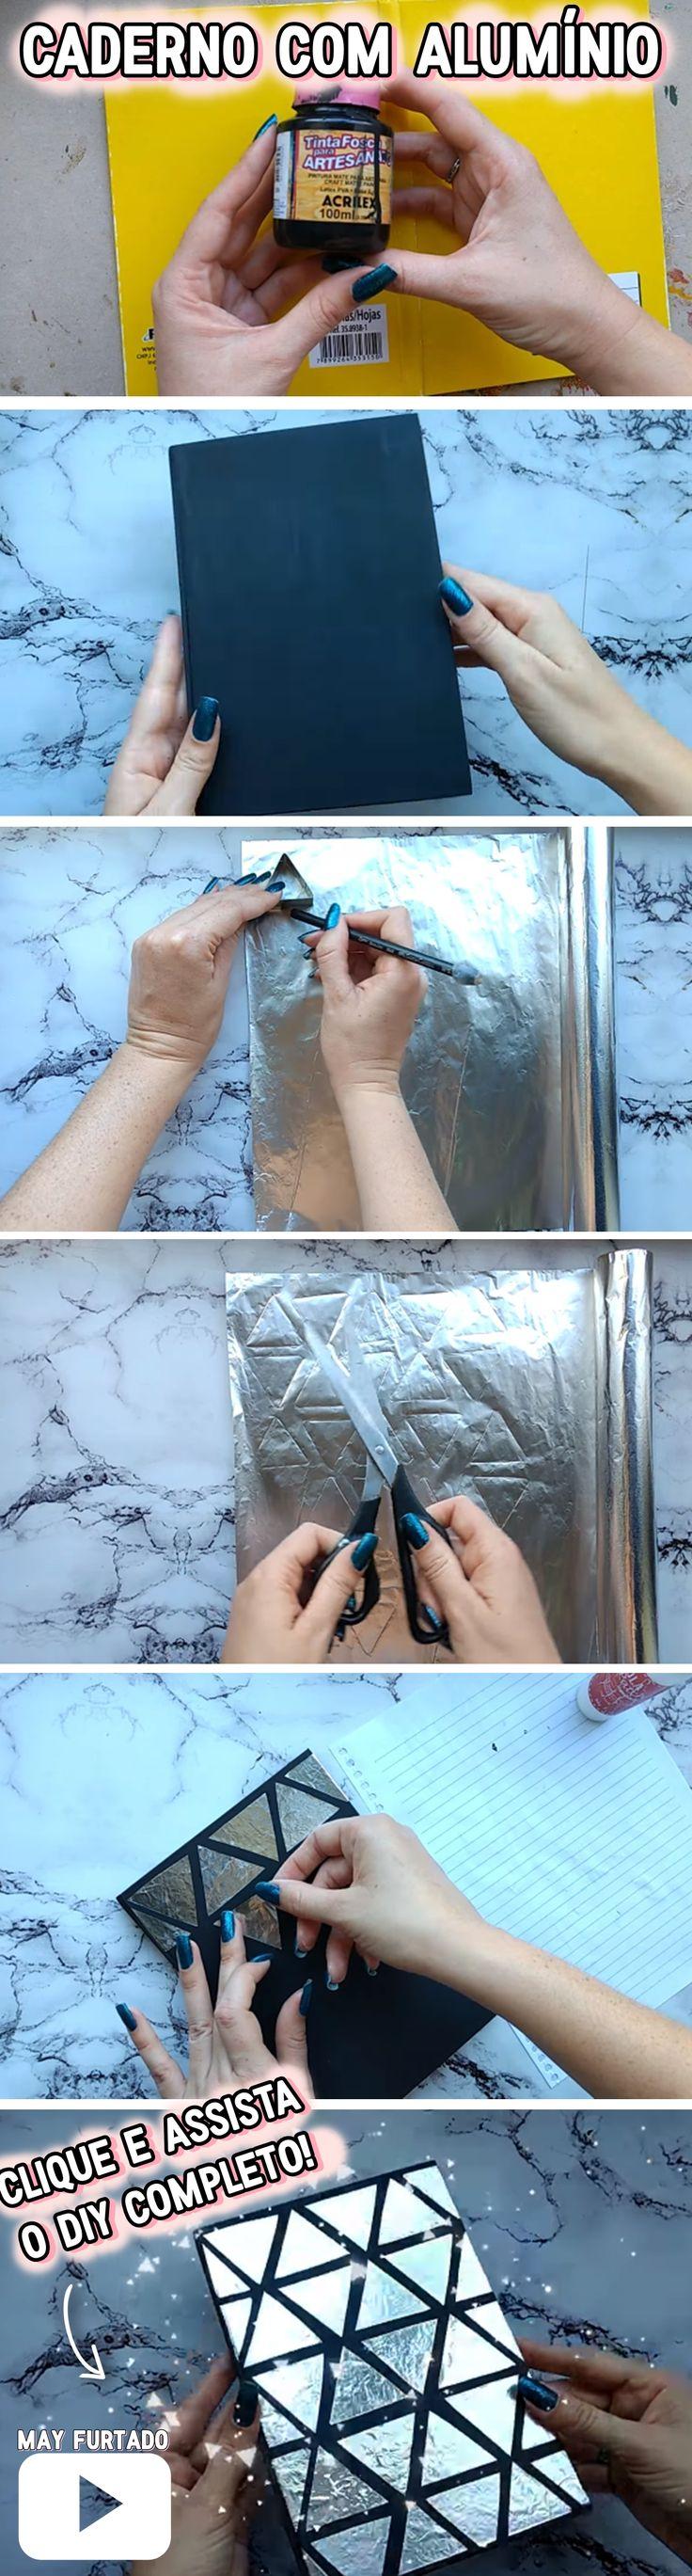 DIY com papel alumínio: Como customizar o caderno usando materiais que você já tem em casa, sem gastar!